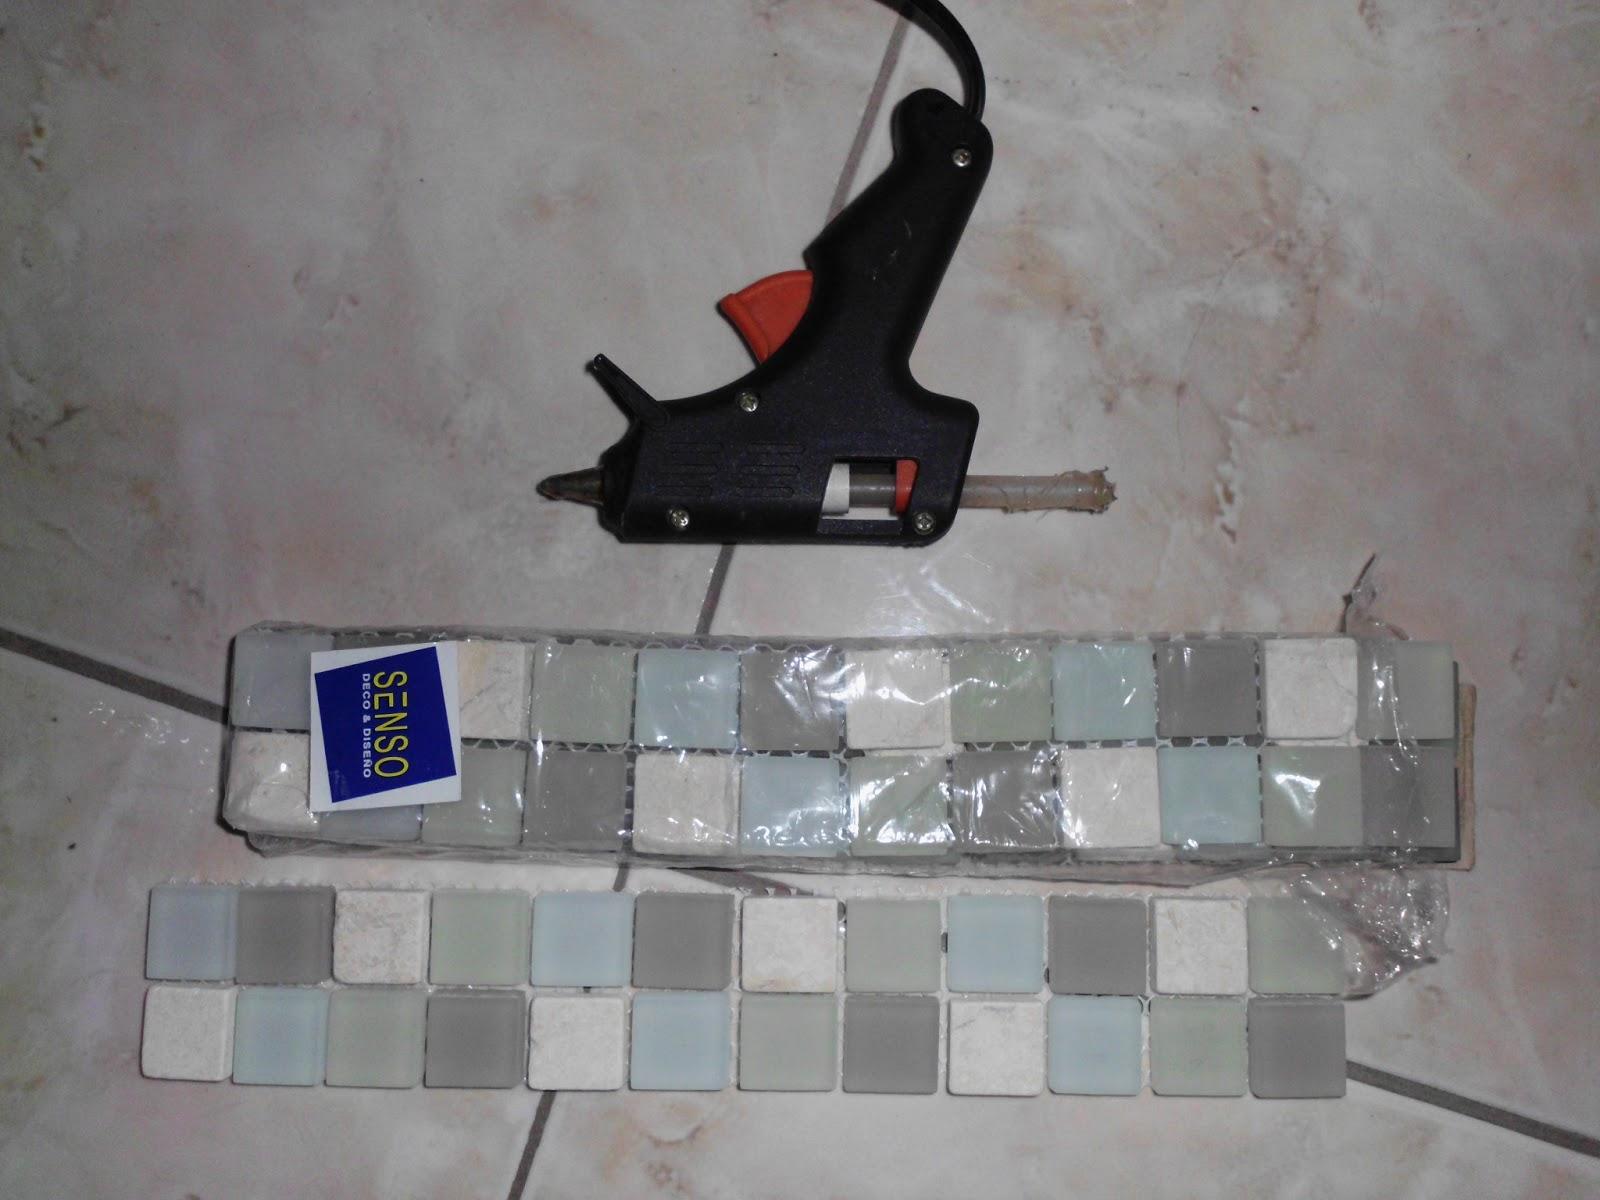 Banheiros Com Pastilhas Em Volta Do Espelho  homefiresafetykitcom banheiros -> Banheiros Com Pastilhas Em Volta Do Espelho